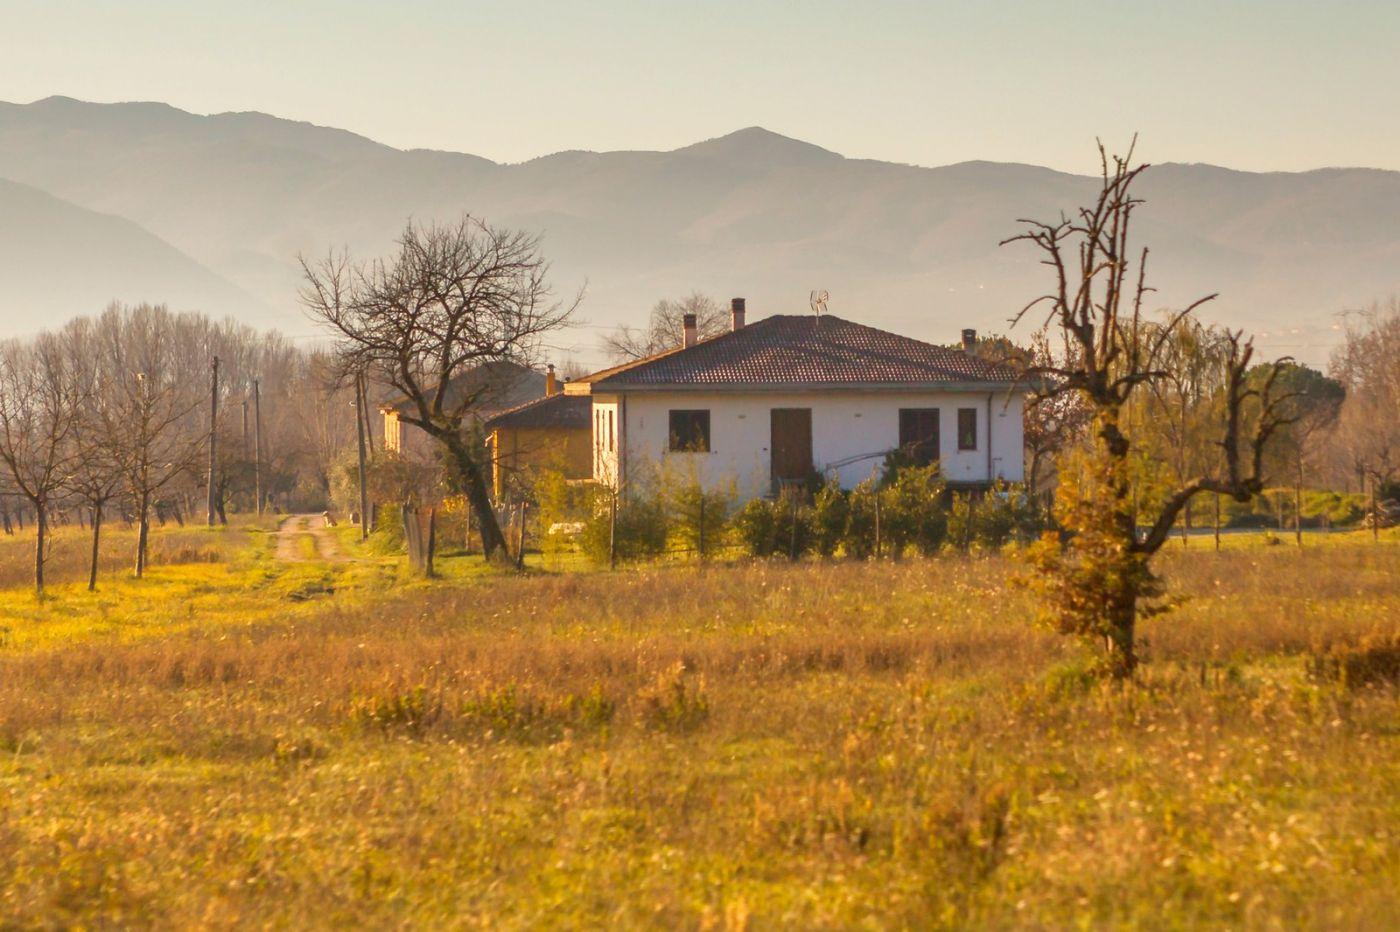 意大利路途,这就是乡村生活?_图1-21